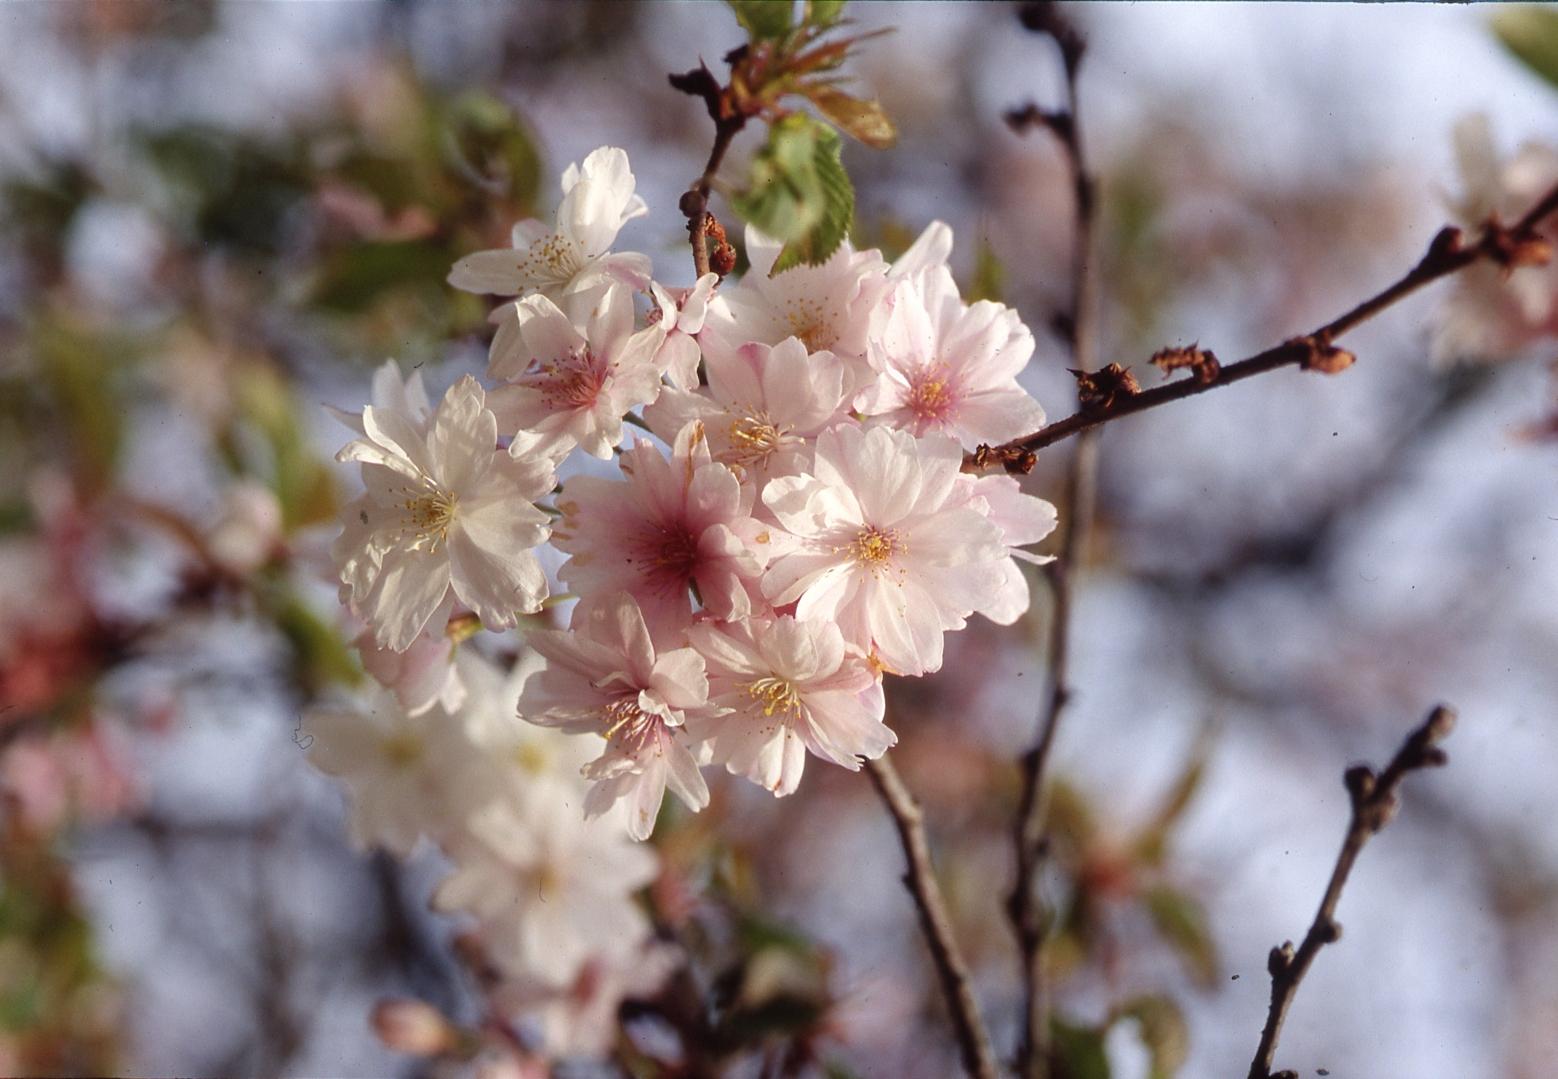 Von einer Blüte zur nächsten – insektenfreundliche Gehölze im Jahresverlauf